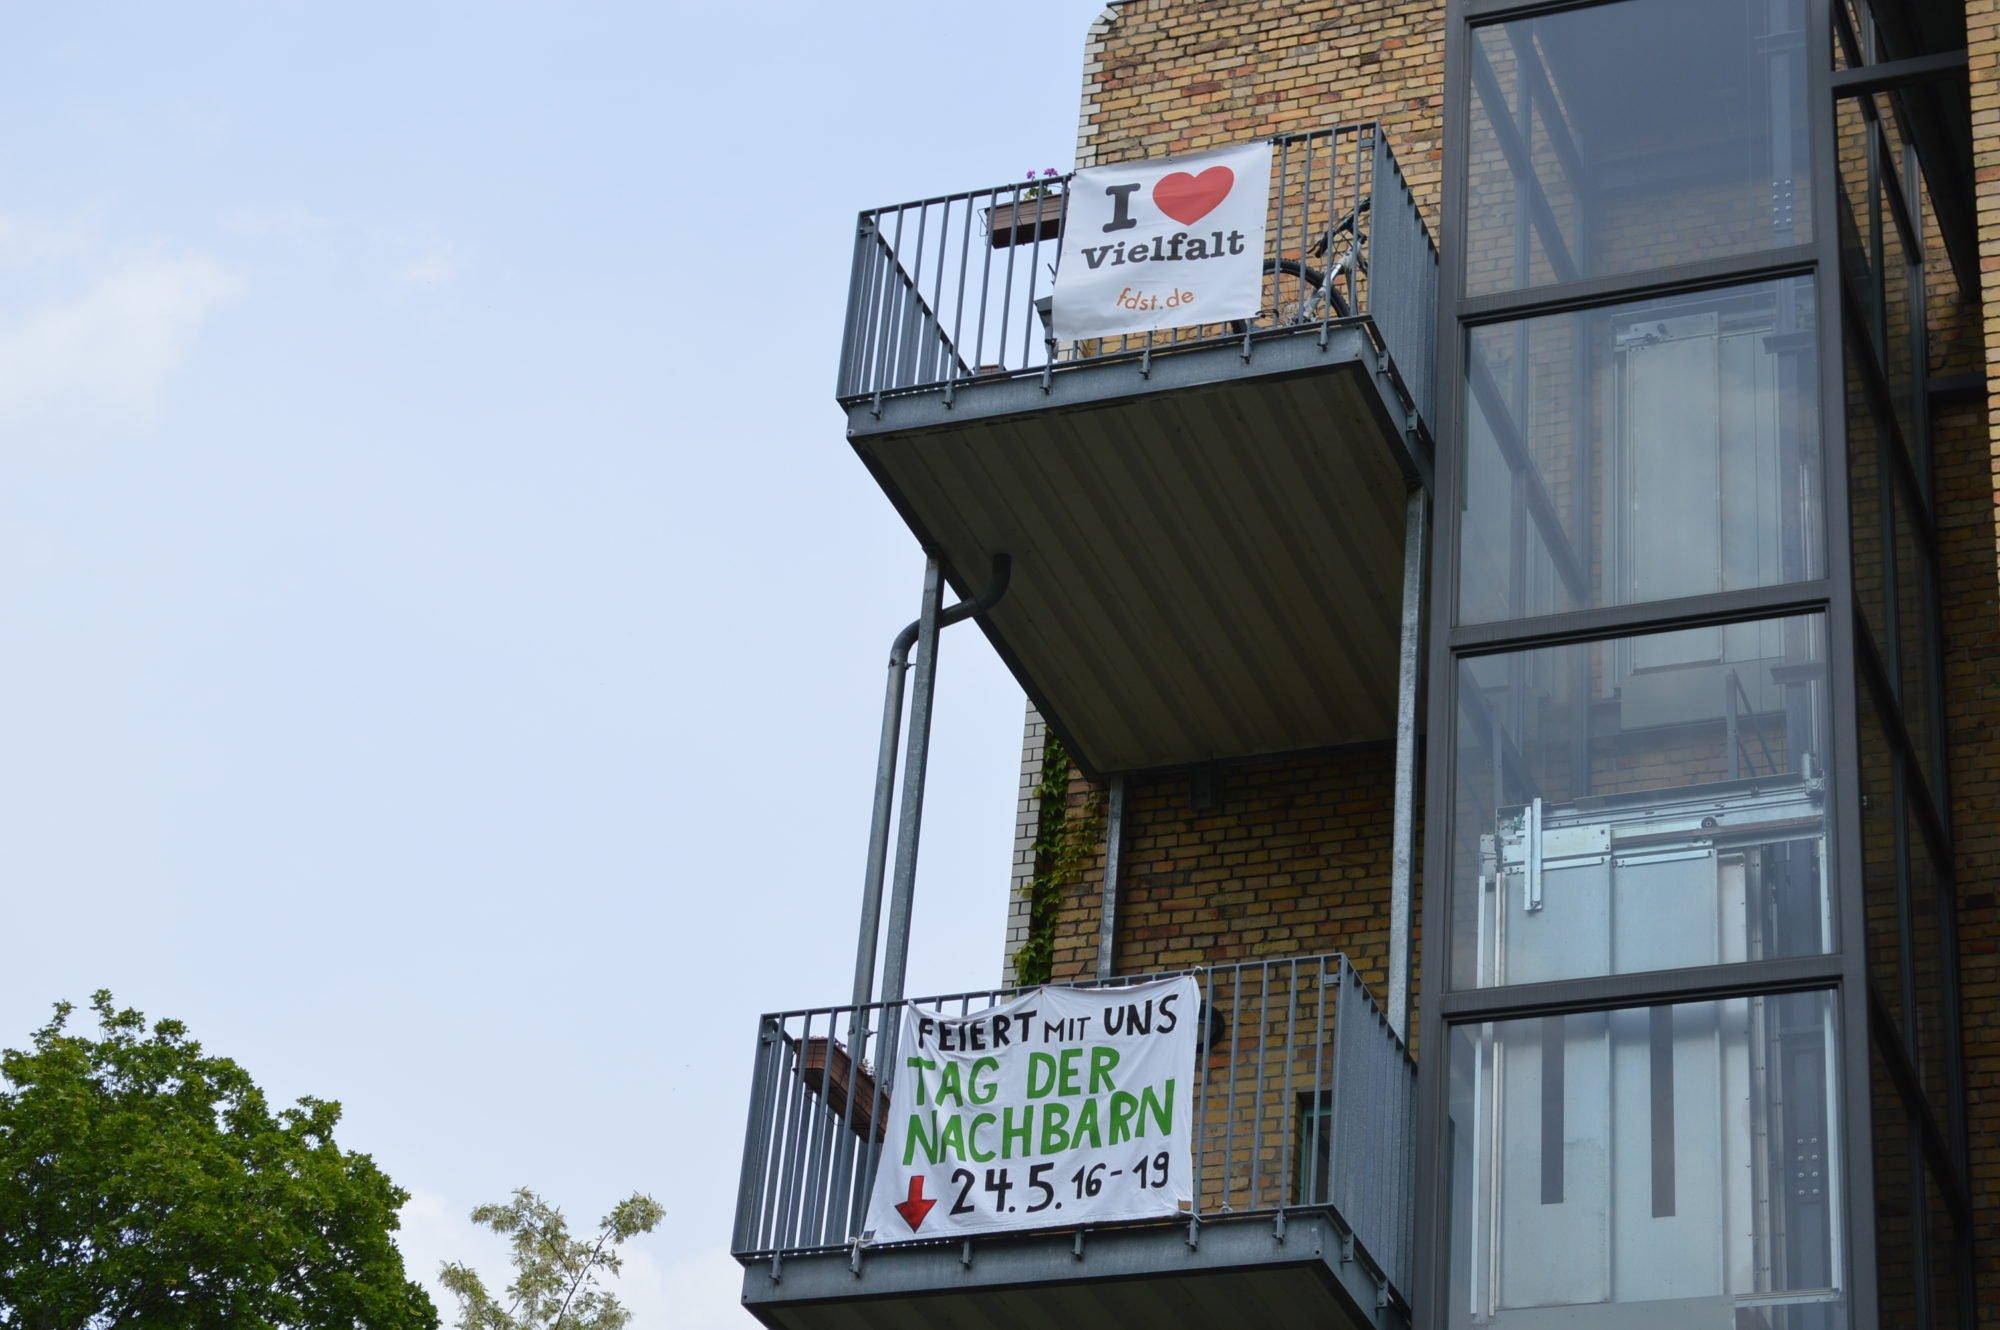 Die Balkons in den oberen Etagen geschmückt mit Bannern: Tag der Nachbarn 2019 und I love Vielfalt.